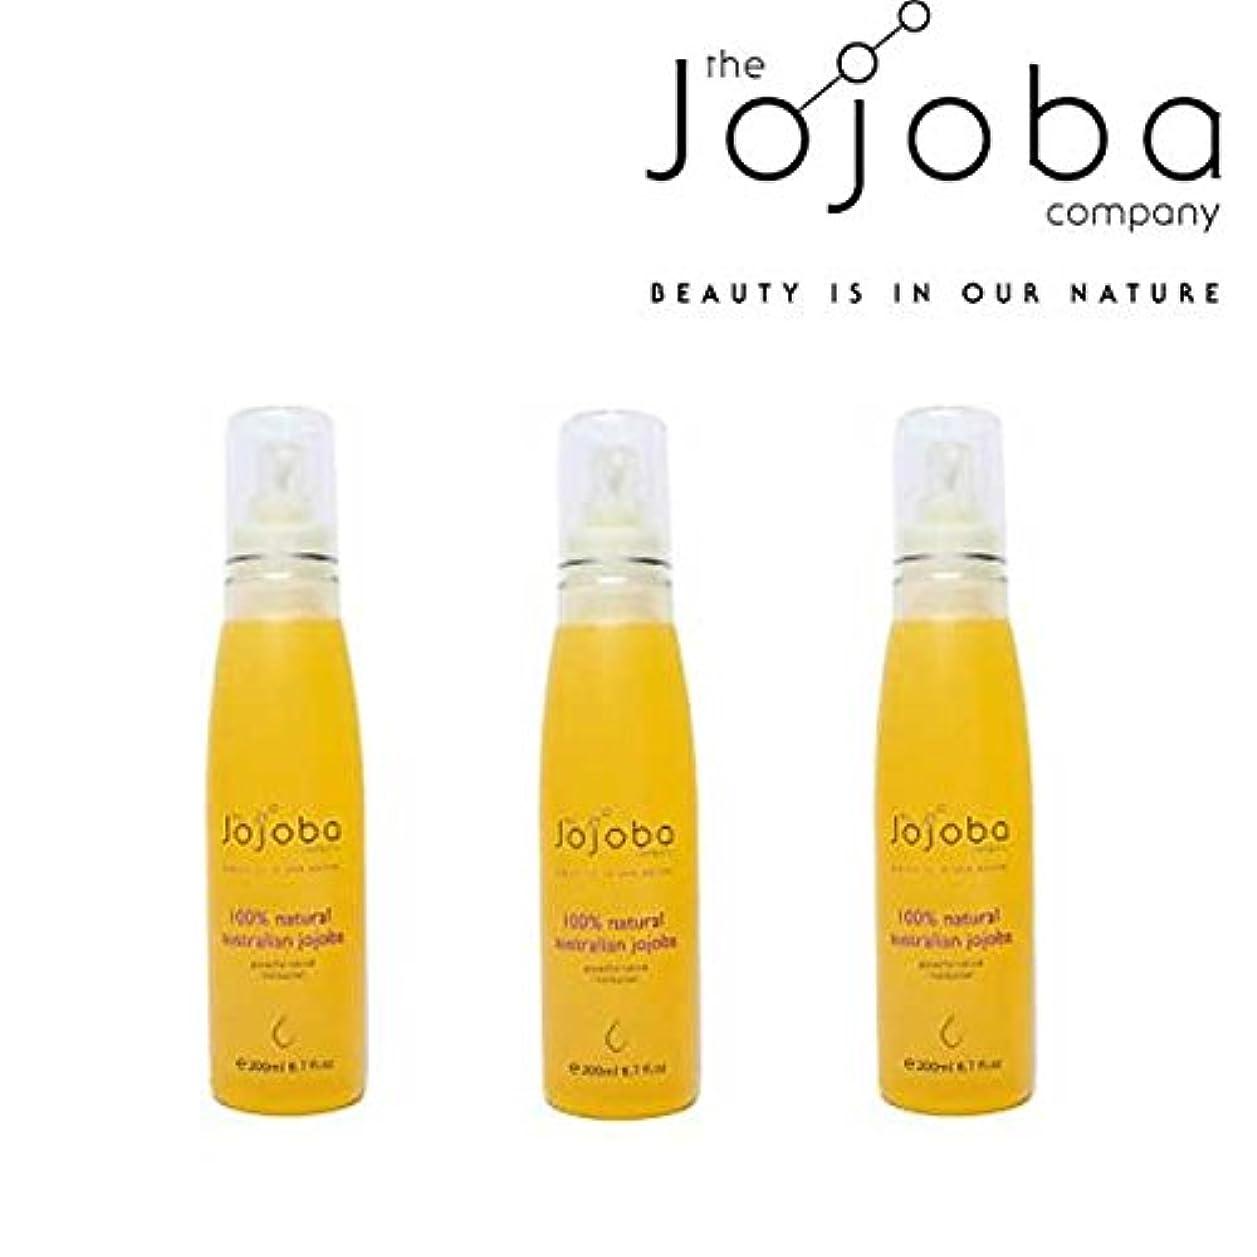 システムオフェンス絶滅させる[The jojoba Company]天然100% オーストラリア産ゴールデンホホバオイル200ml(3本セット)[海外直送品]